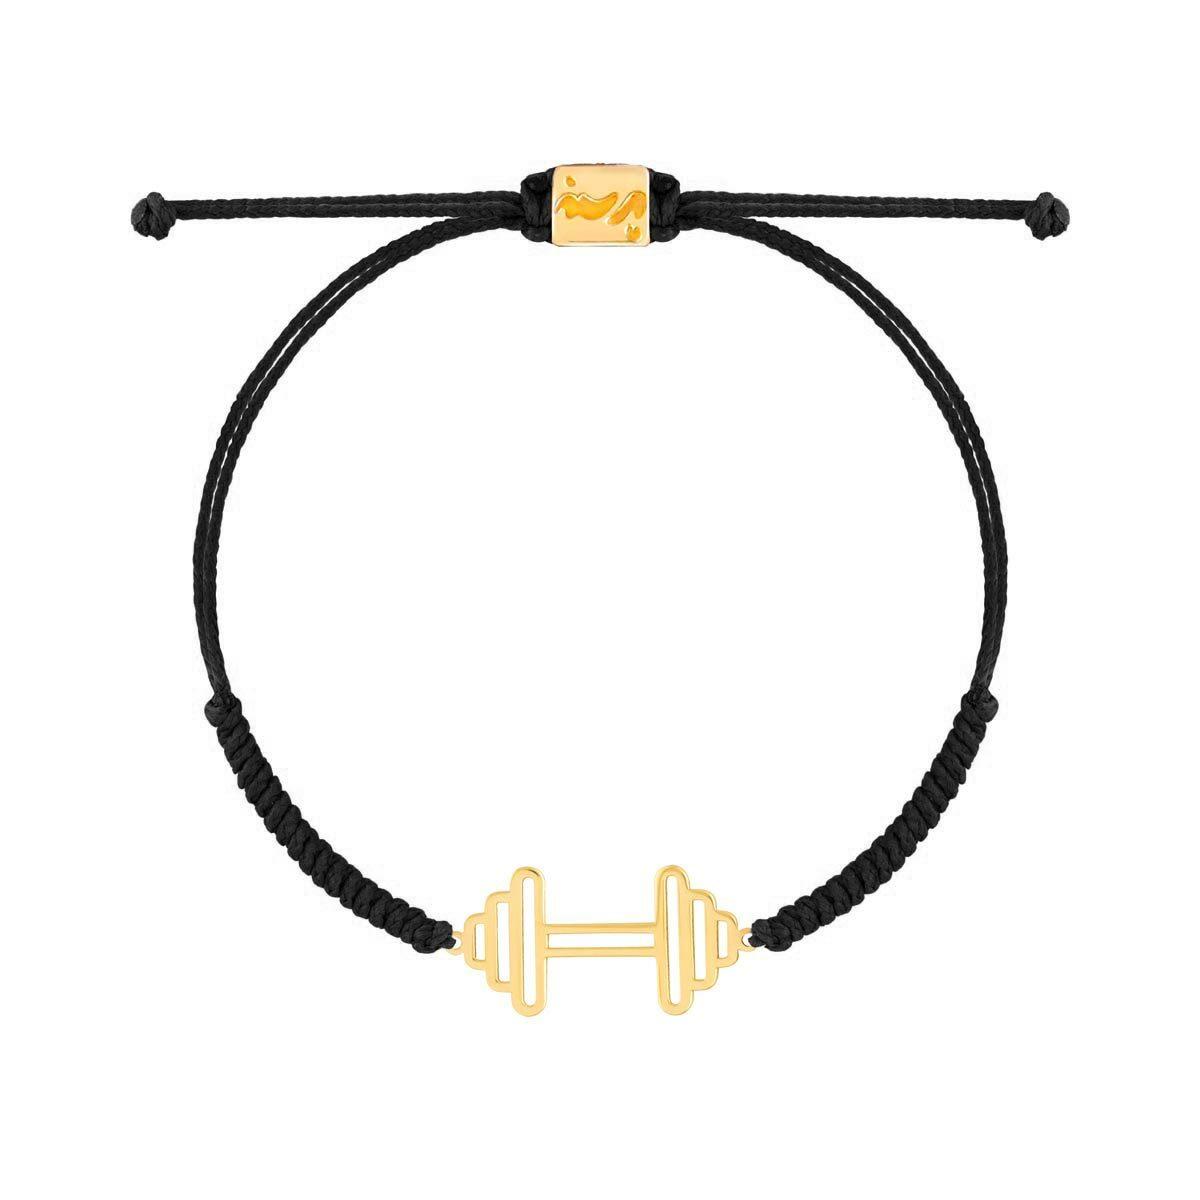 دستبند طلا بافت مشکی دمبل بزرگ